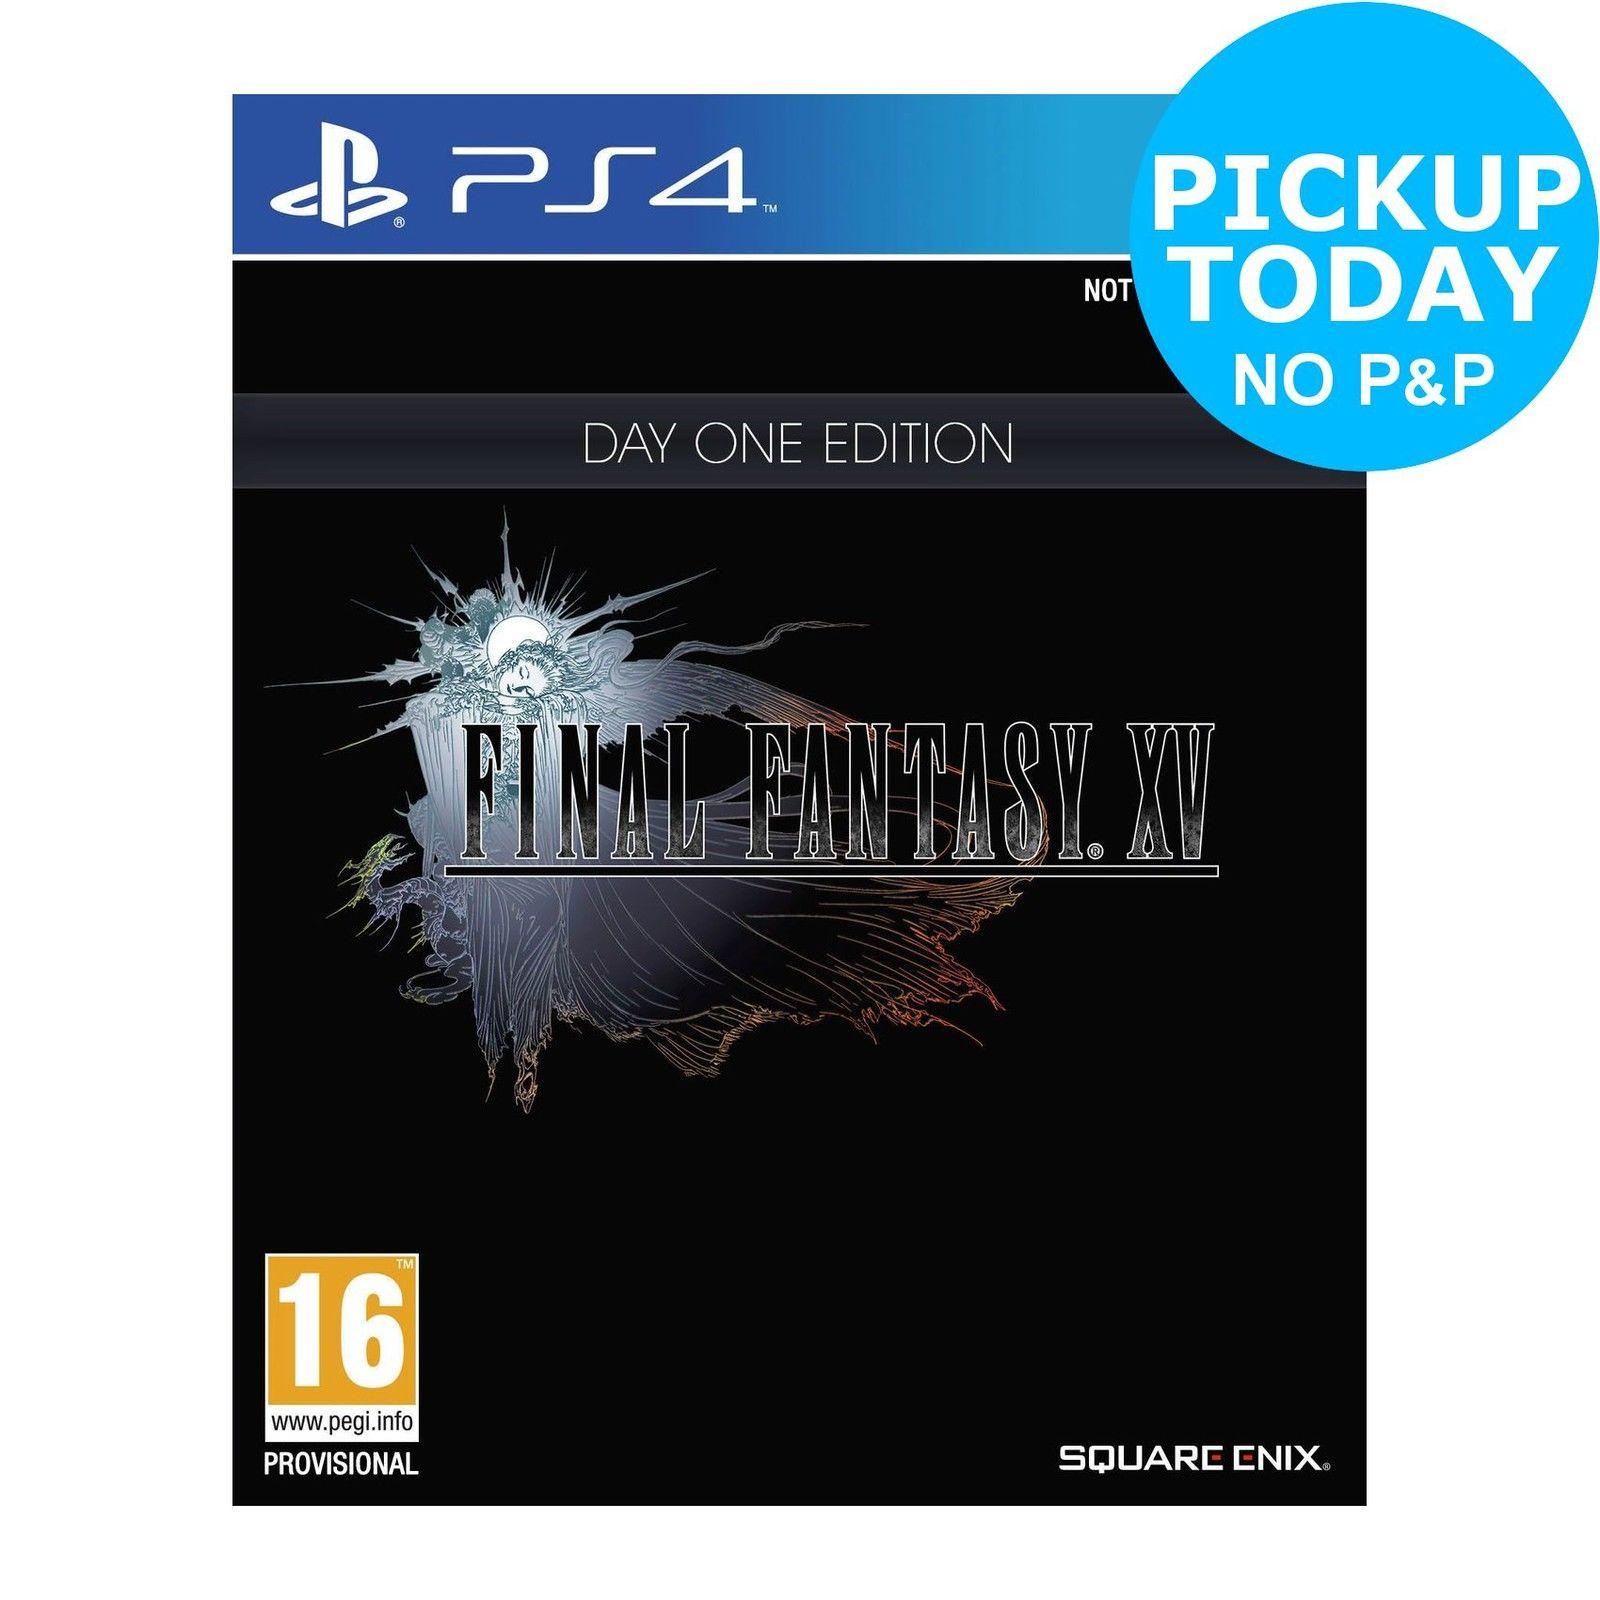 [Xbox One/PS4] Final Fantasy XV Steelbook Special Edition - £23.99 (C&C) - eBay/Argos